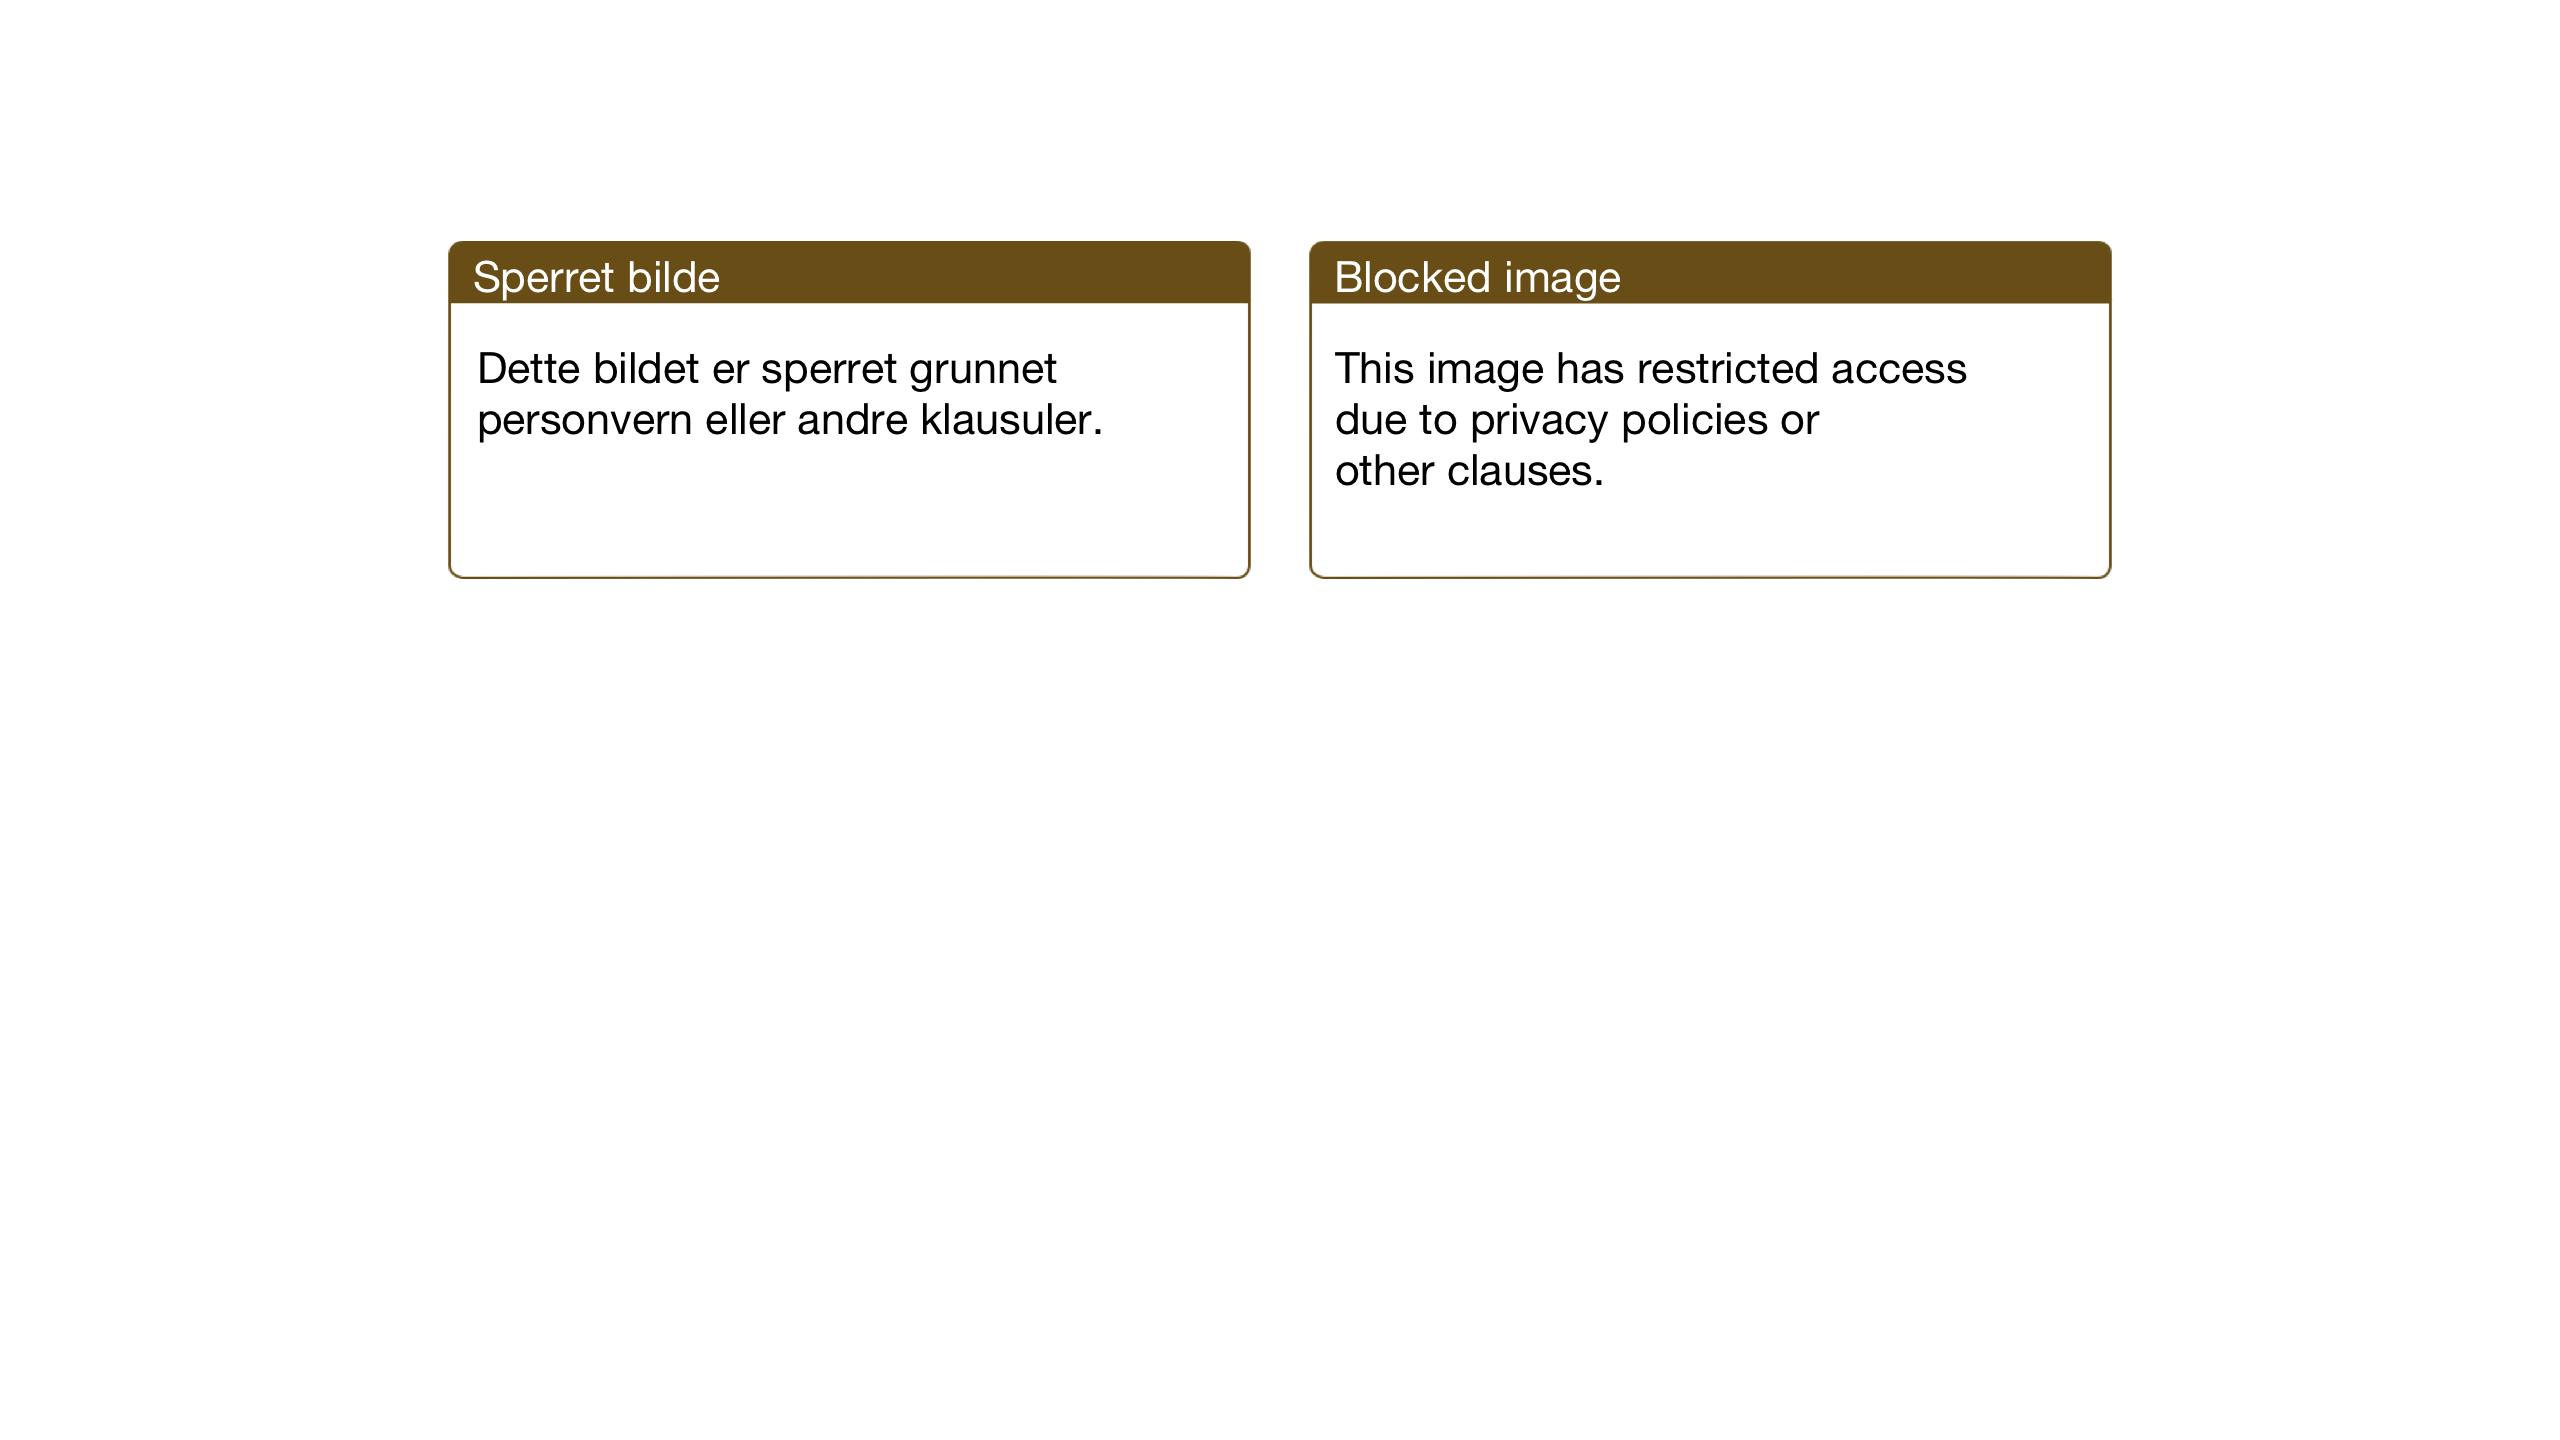 SAT, Ministerialprotokoller, klokkerbøker og fødselsregistre - Sør-Trøndelag, 631/L0515: Klokkerbok nr. 631C03, 1913-1939, s. 69